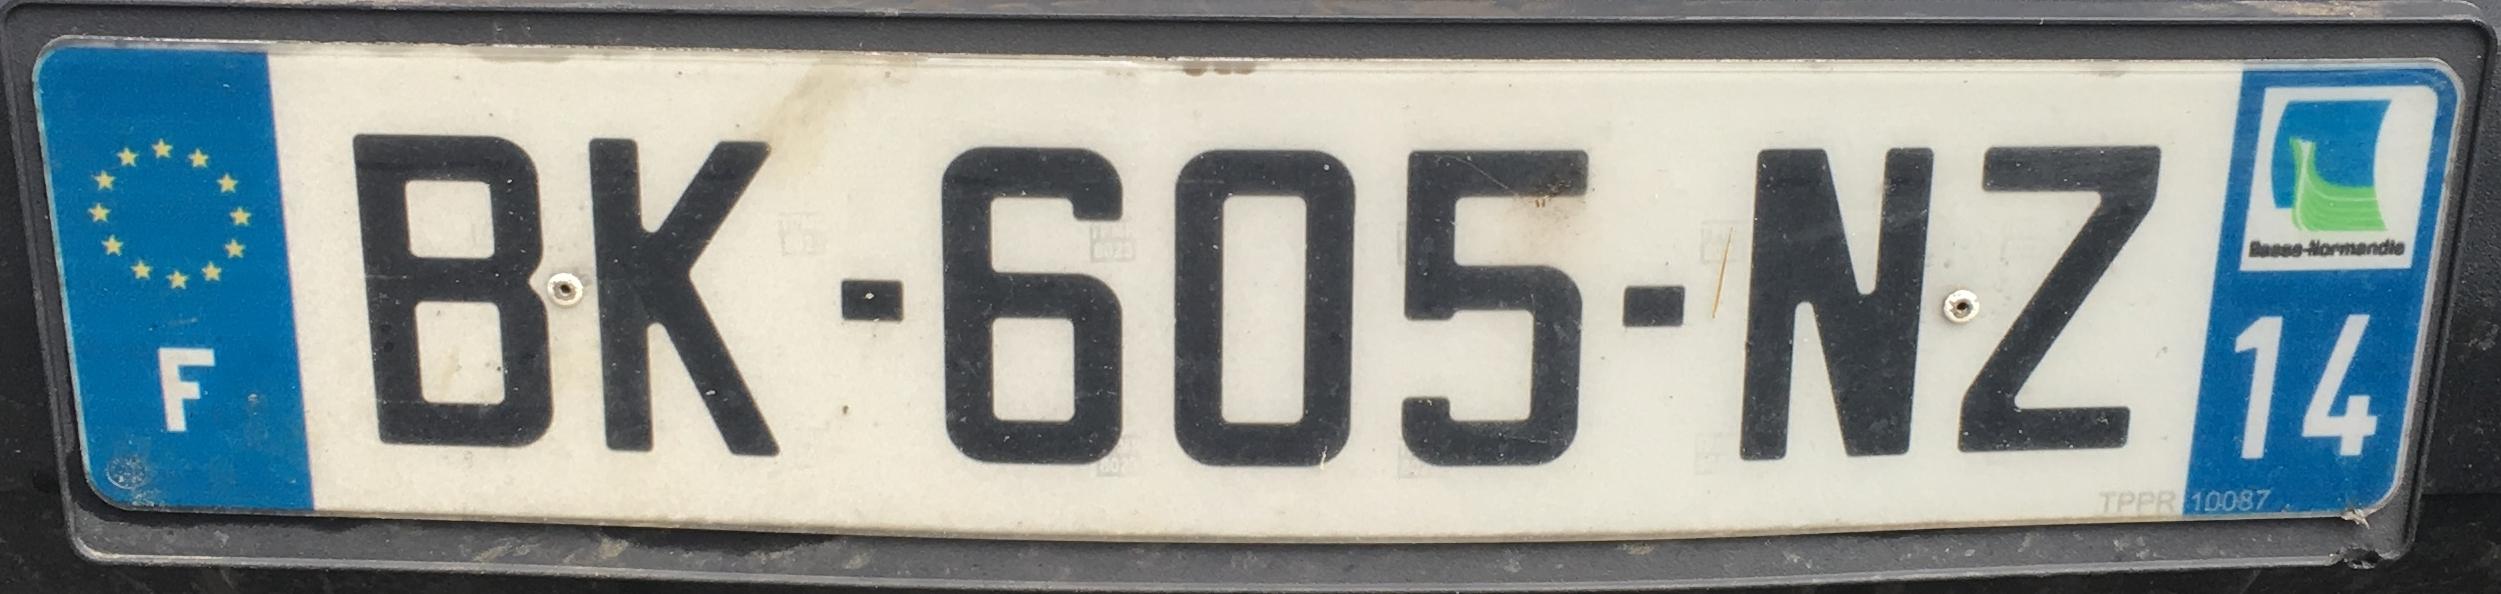 Francouzská registrační značka – 14 - Calvados, foto: www.podalnici.cz